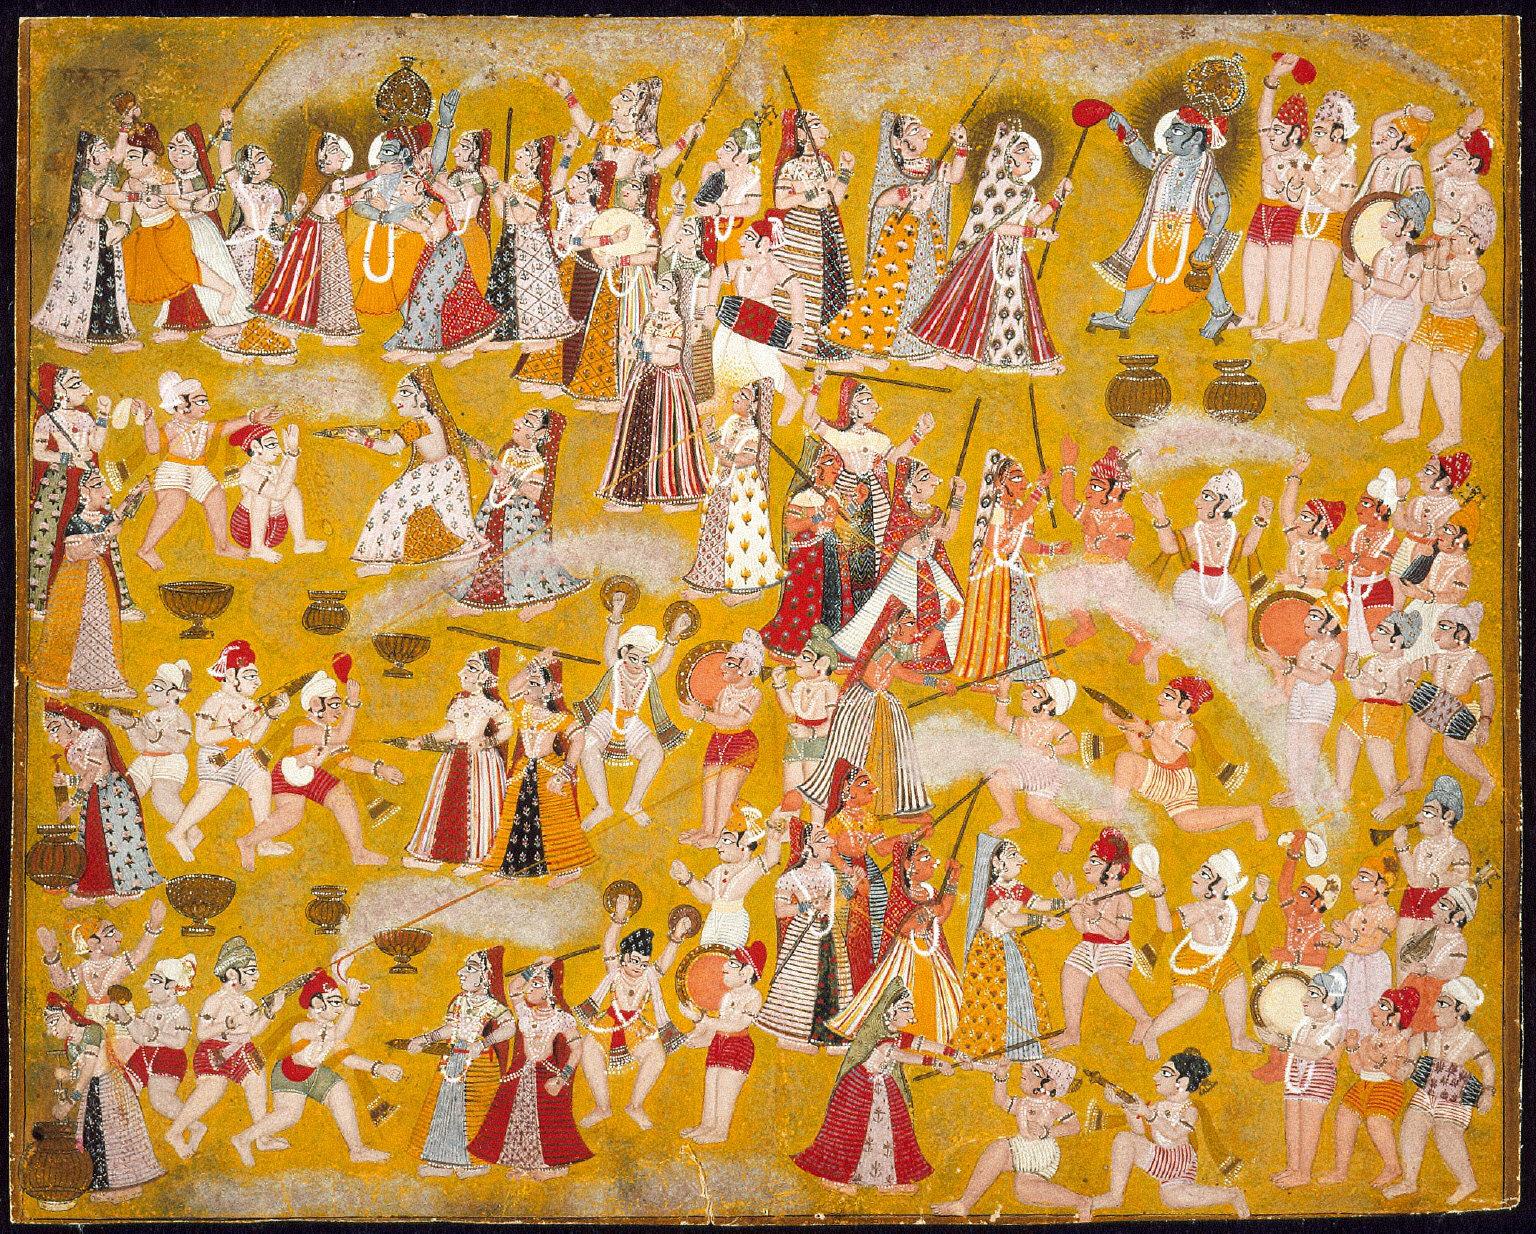 Spring Festival in Brindavan